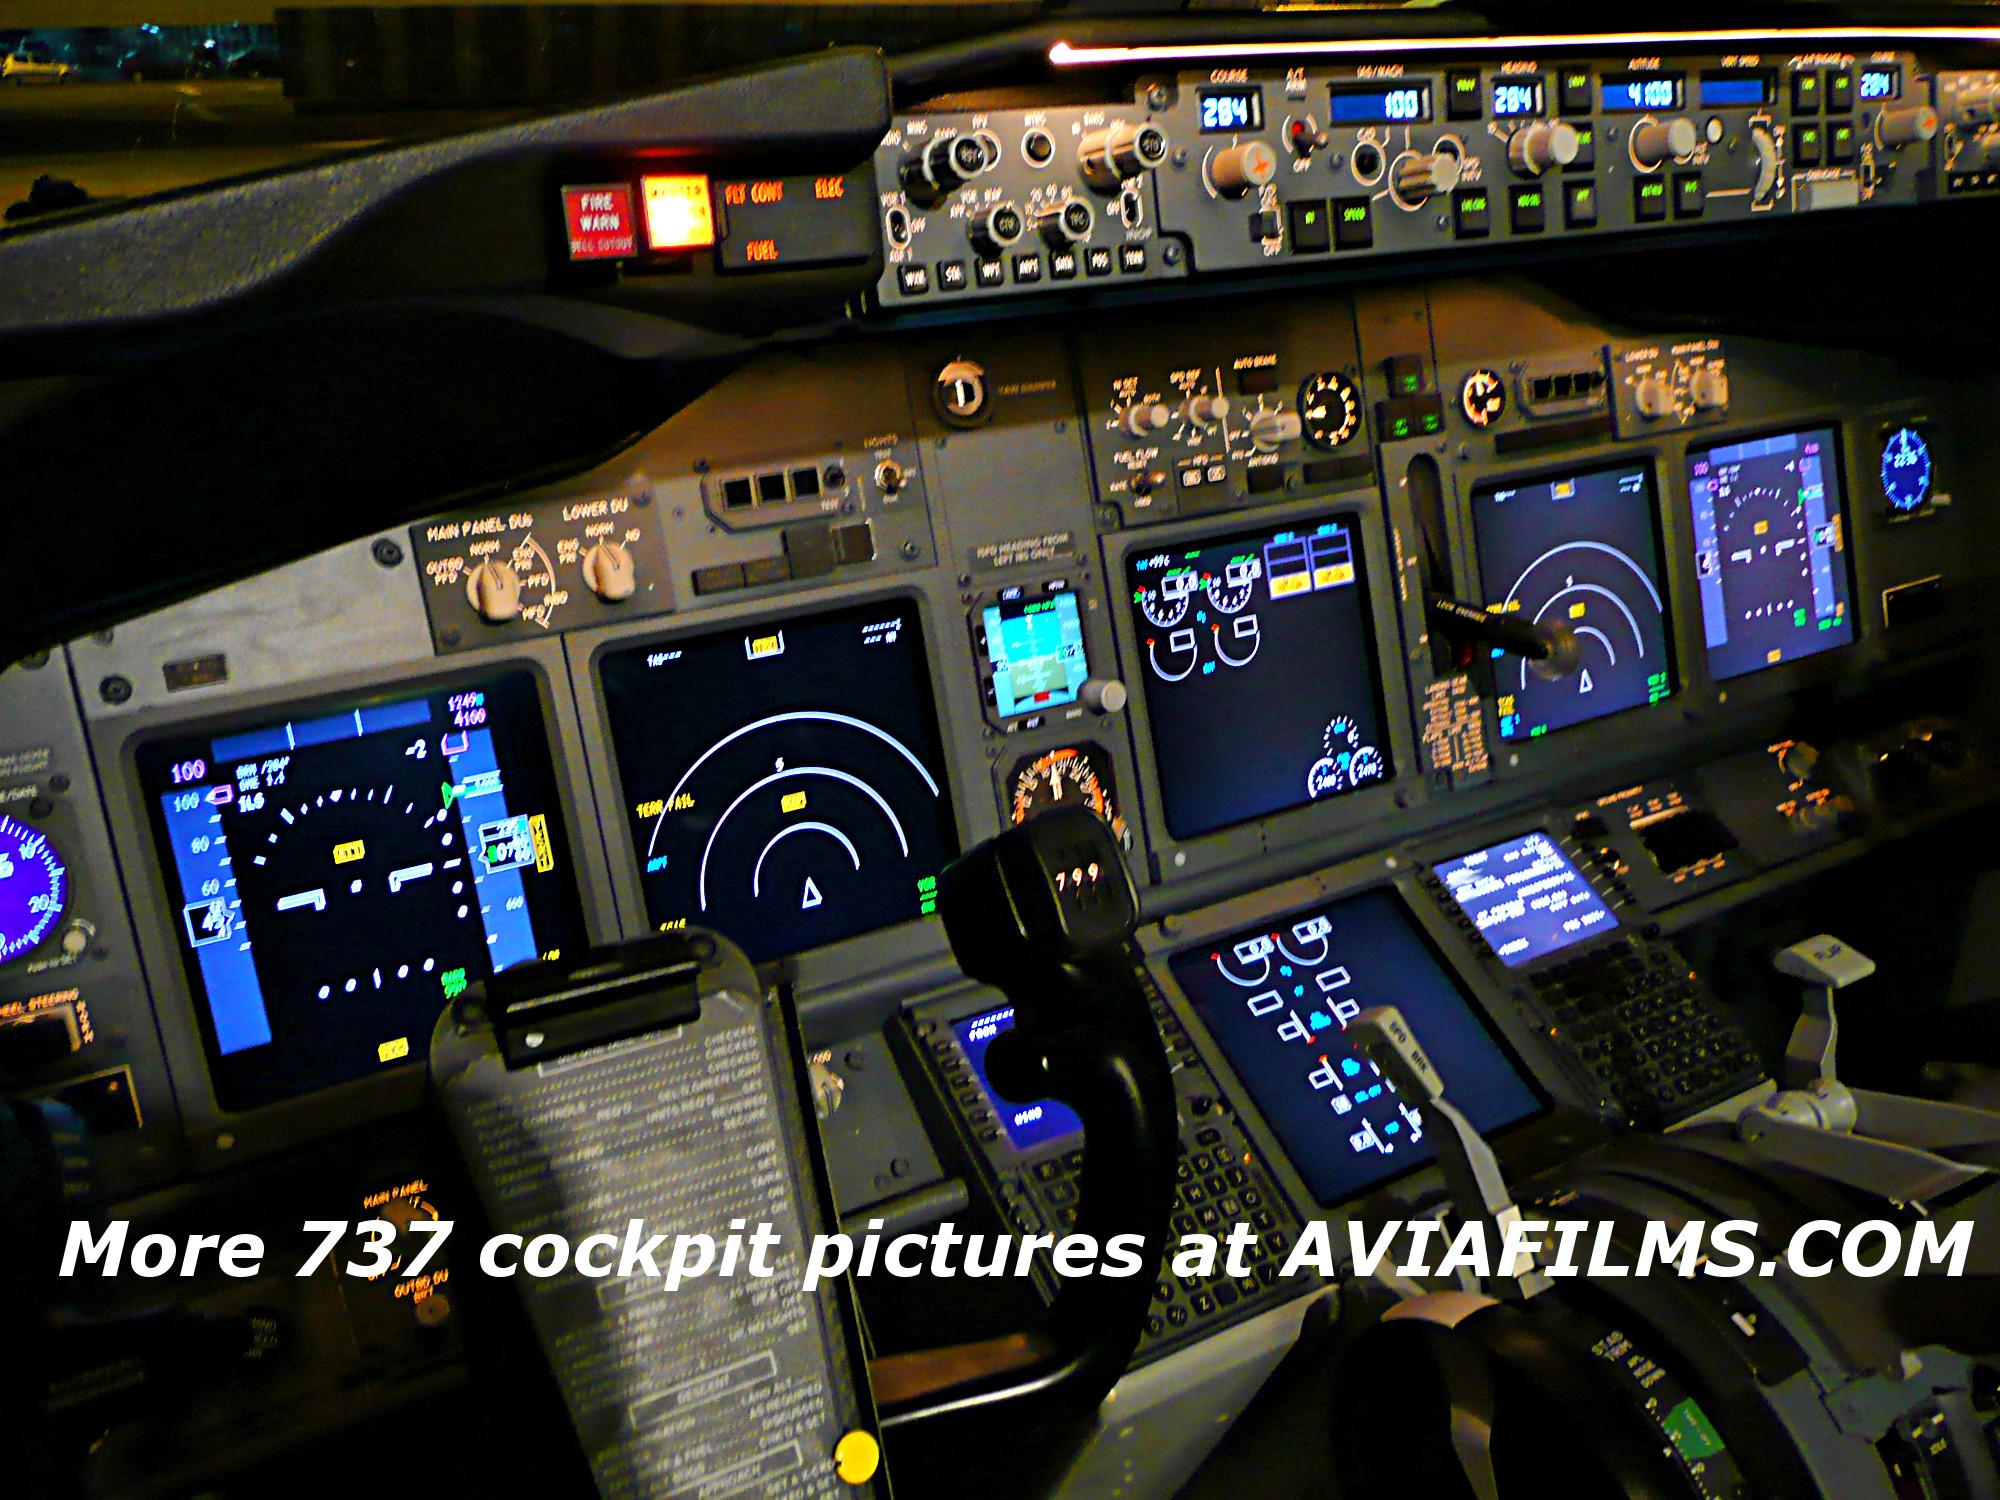 Boeing 737 Cockpit Wallpaper (62+ images)